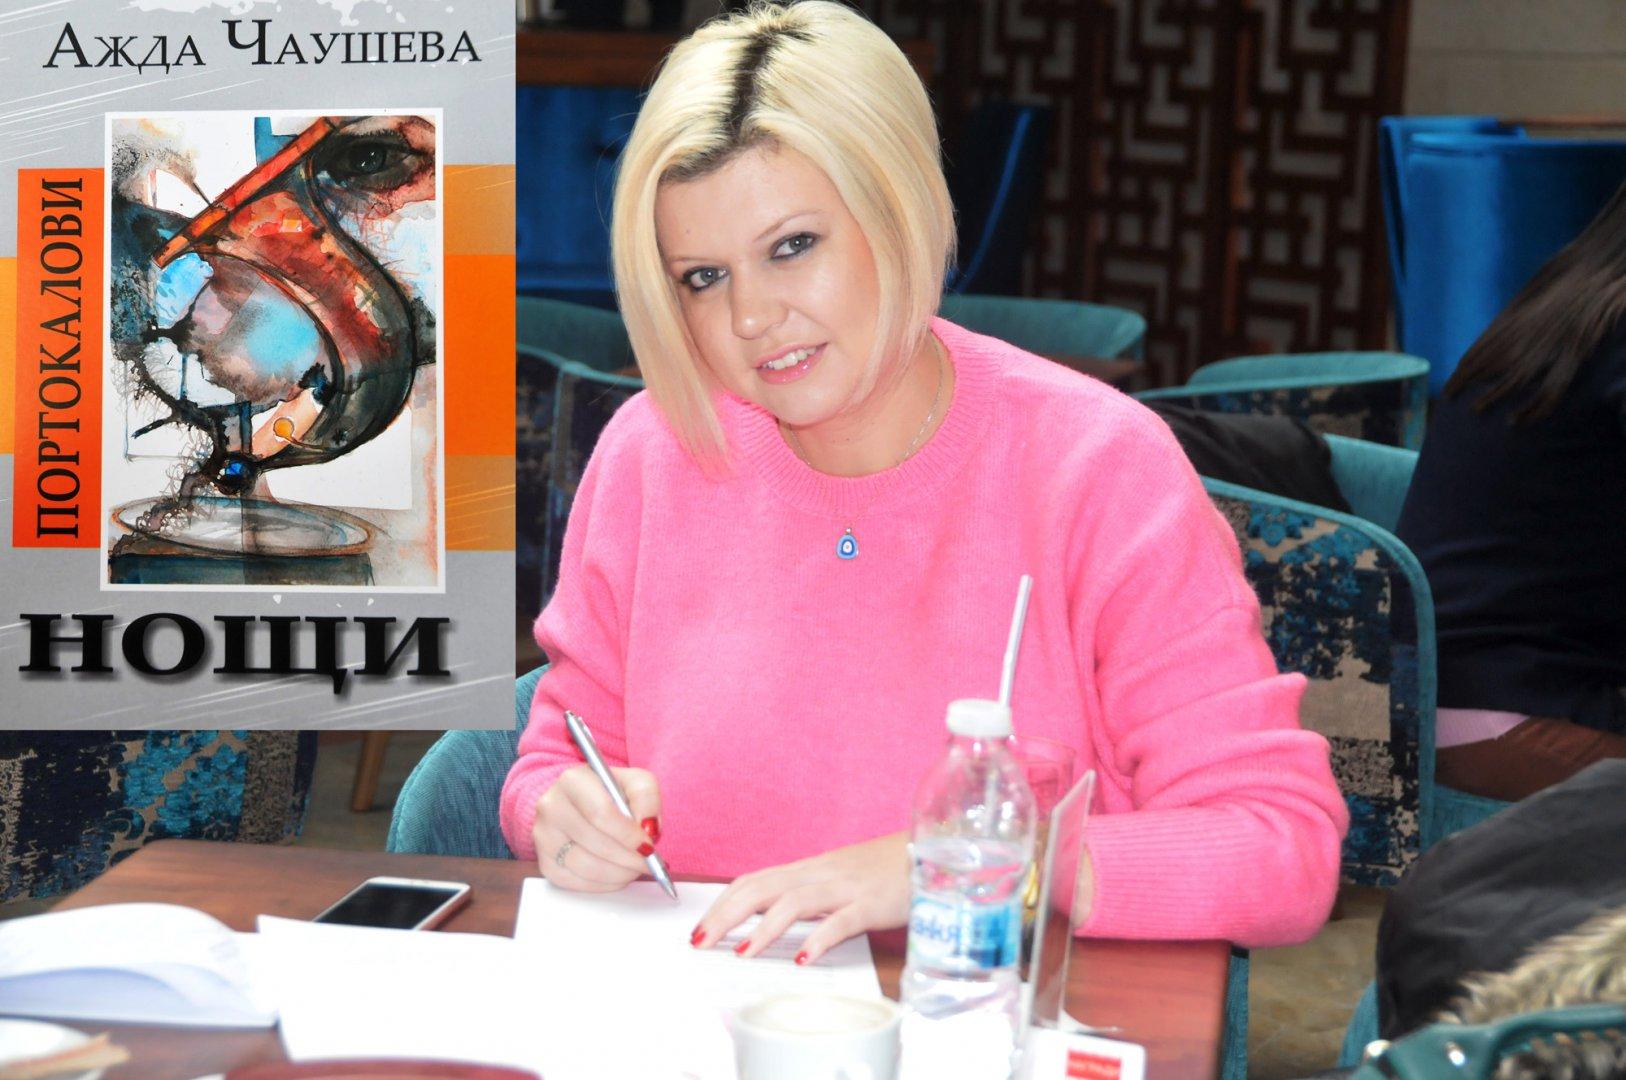 Ажда Чаушева ще представи стихосбирката си в Дома на писателя. Снимка Лина Главинова